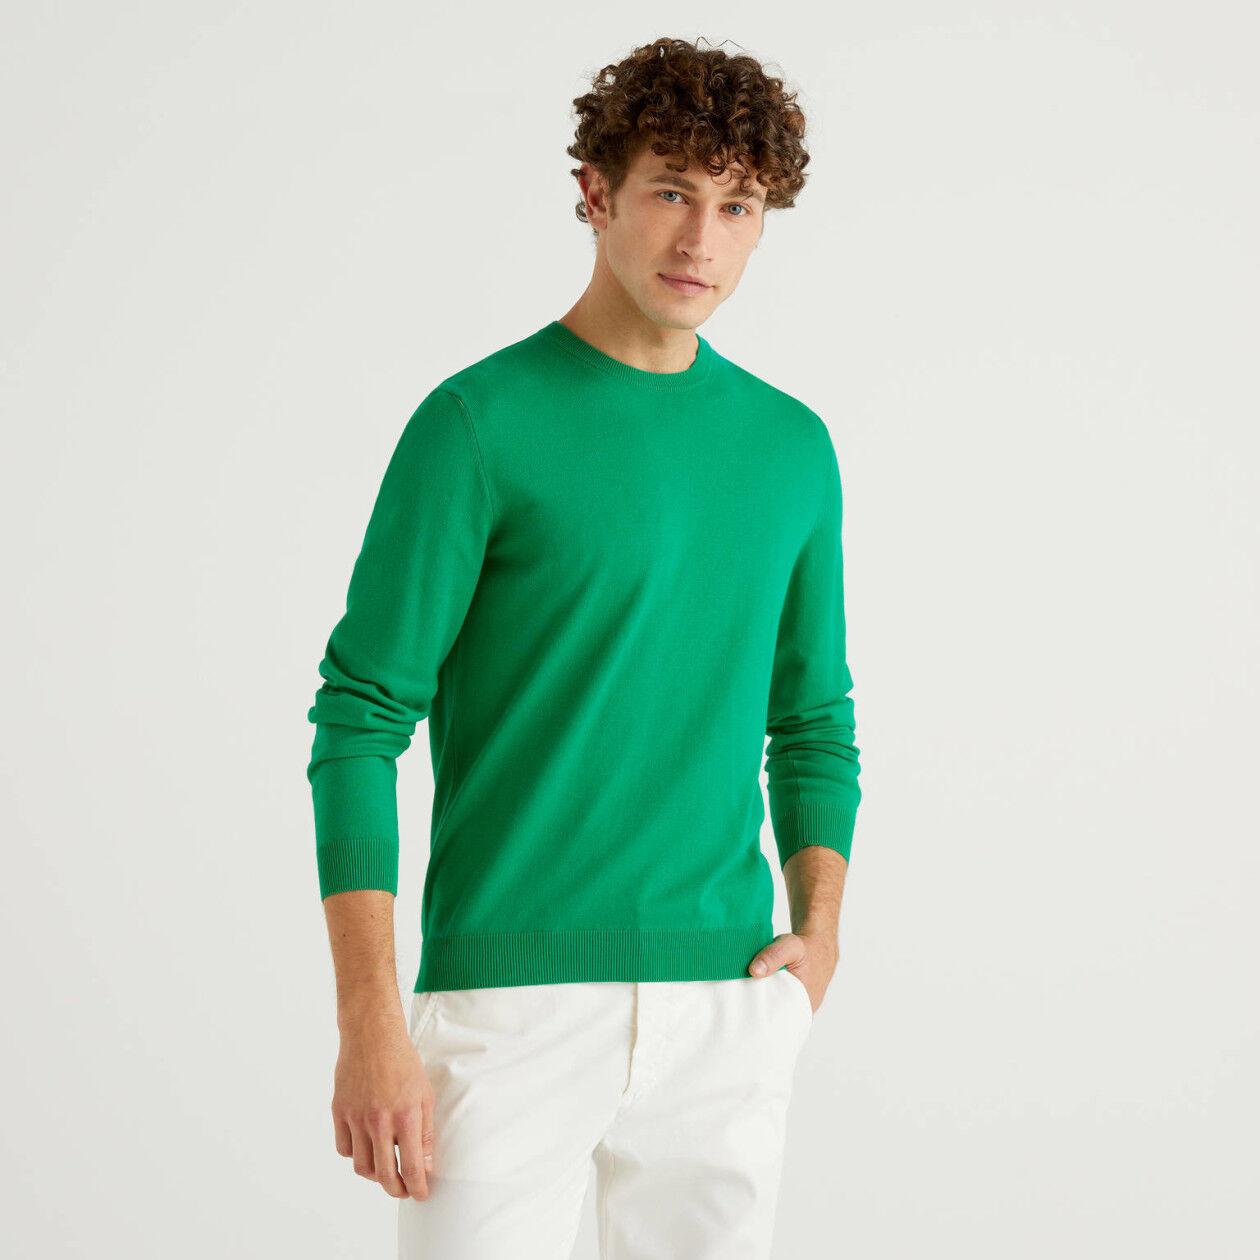 Camisola de gola redonda em 100% algodão